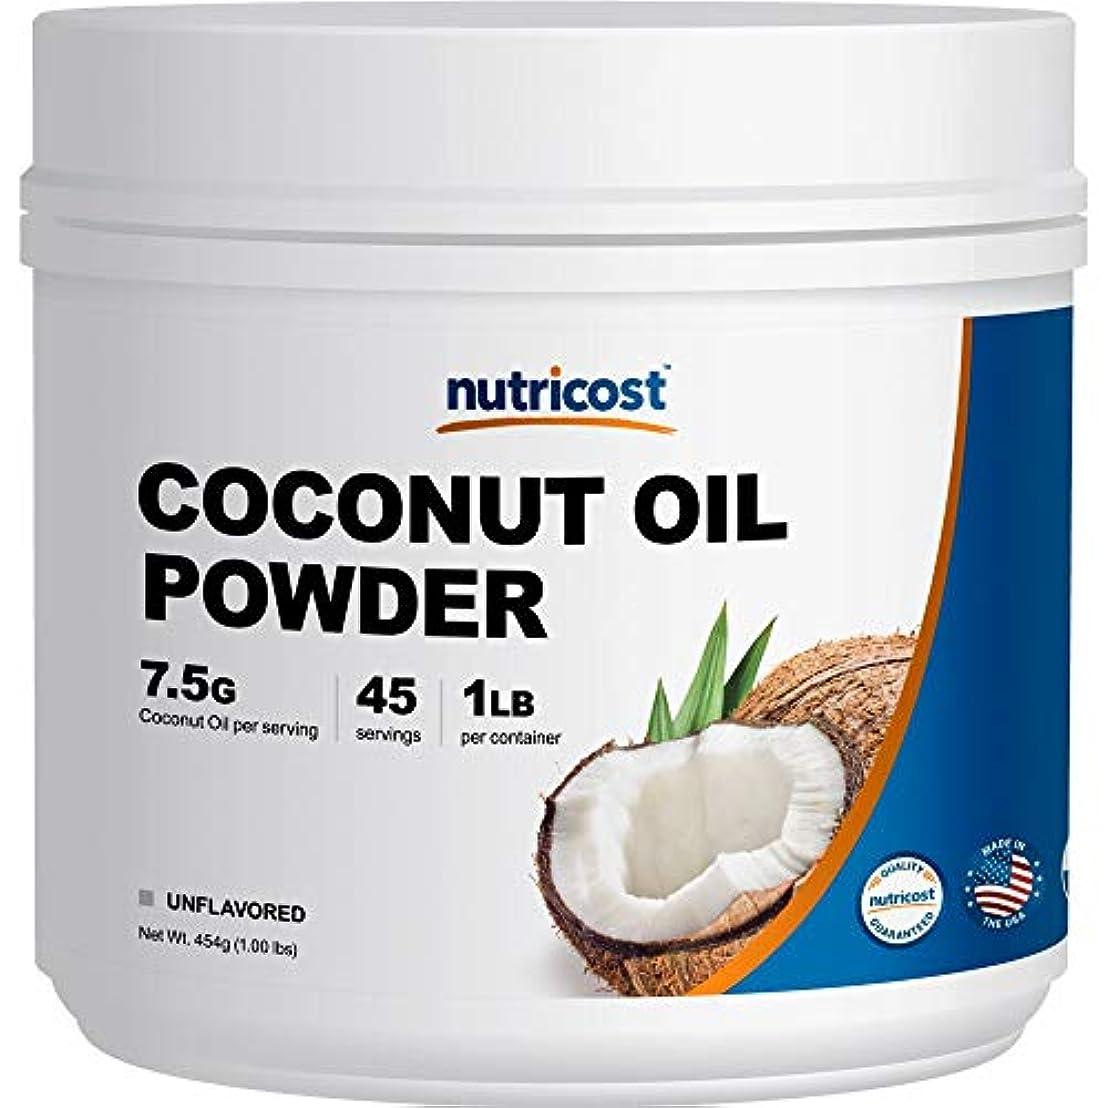 排除するナース影響力のあるNutricost ココナッツオイルパウダー 1LB、45食分、非GMO、グルテンフリー